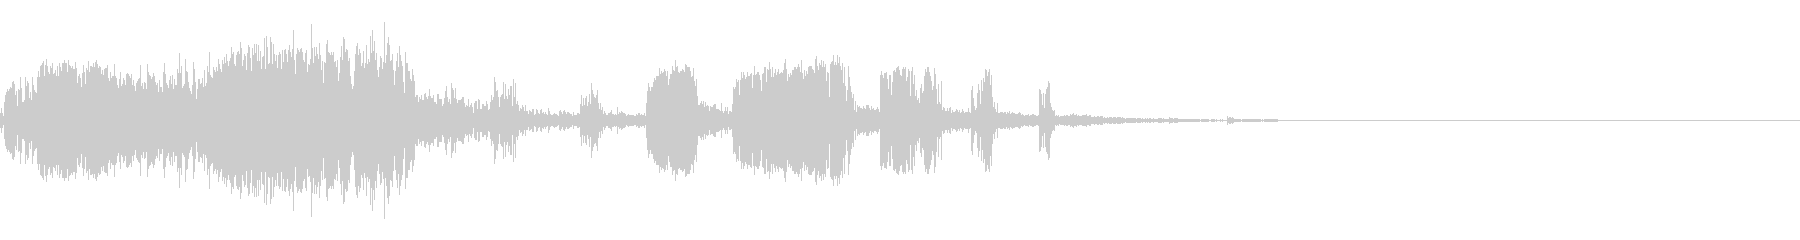 スパーク音-14の未再生の波形